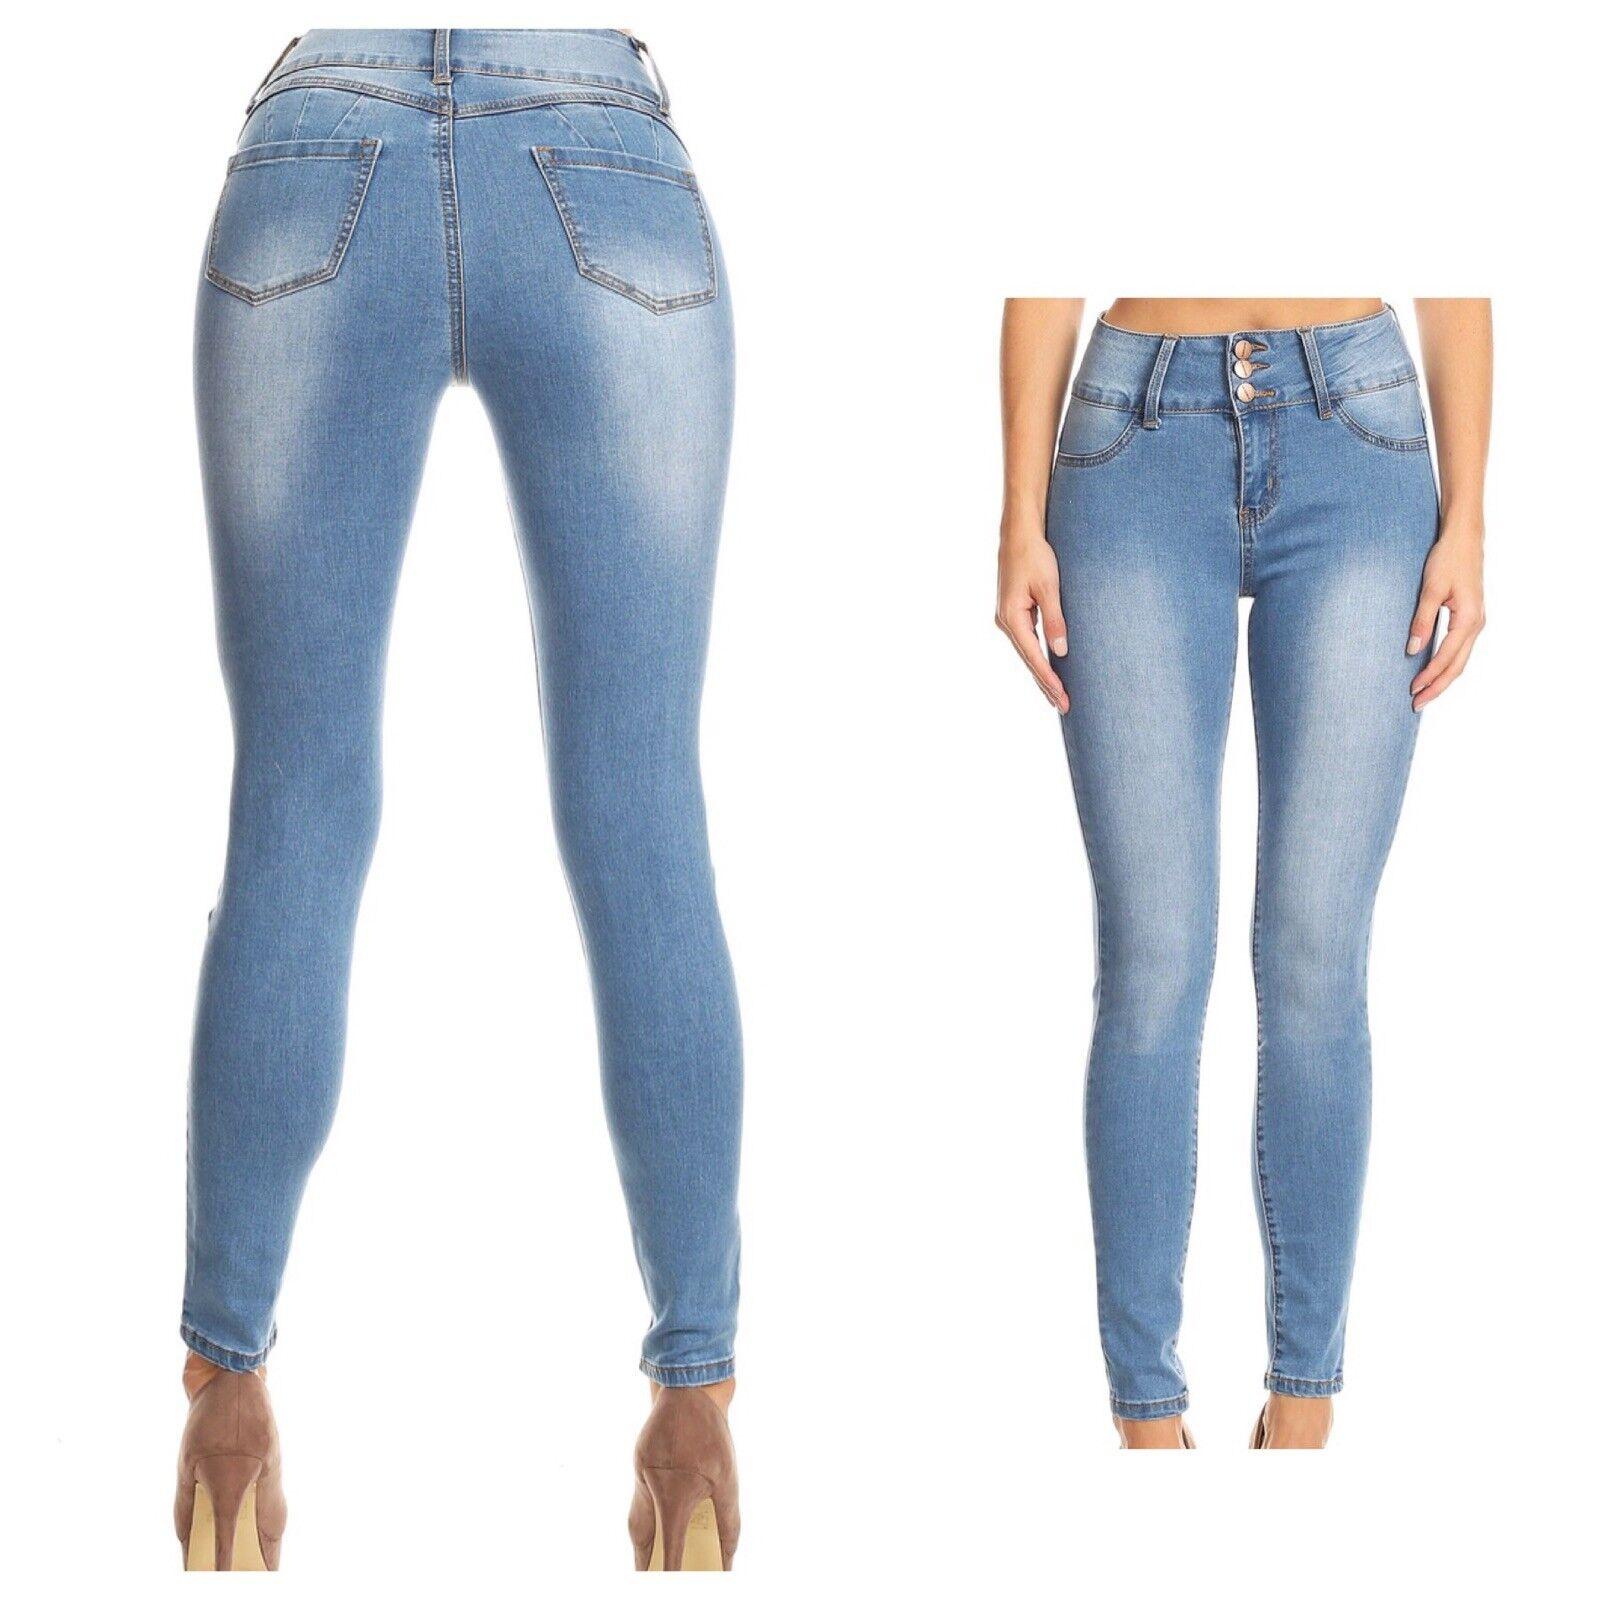 Women's Push Up Butt Lift High Waist Skinny Jeans Light Wash bluee Size 15